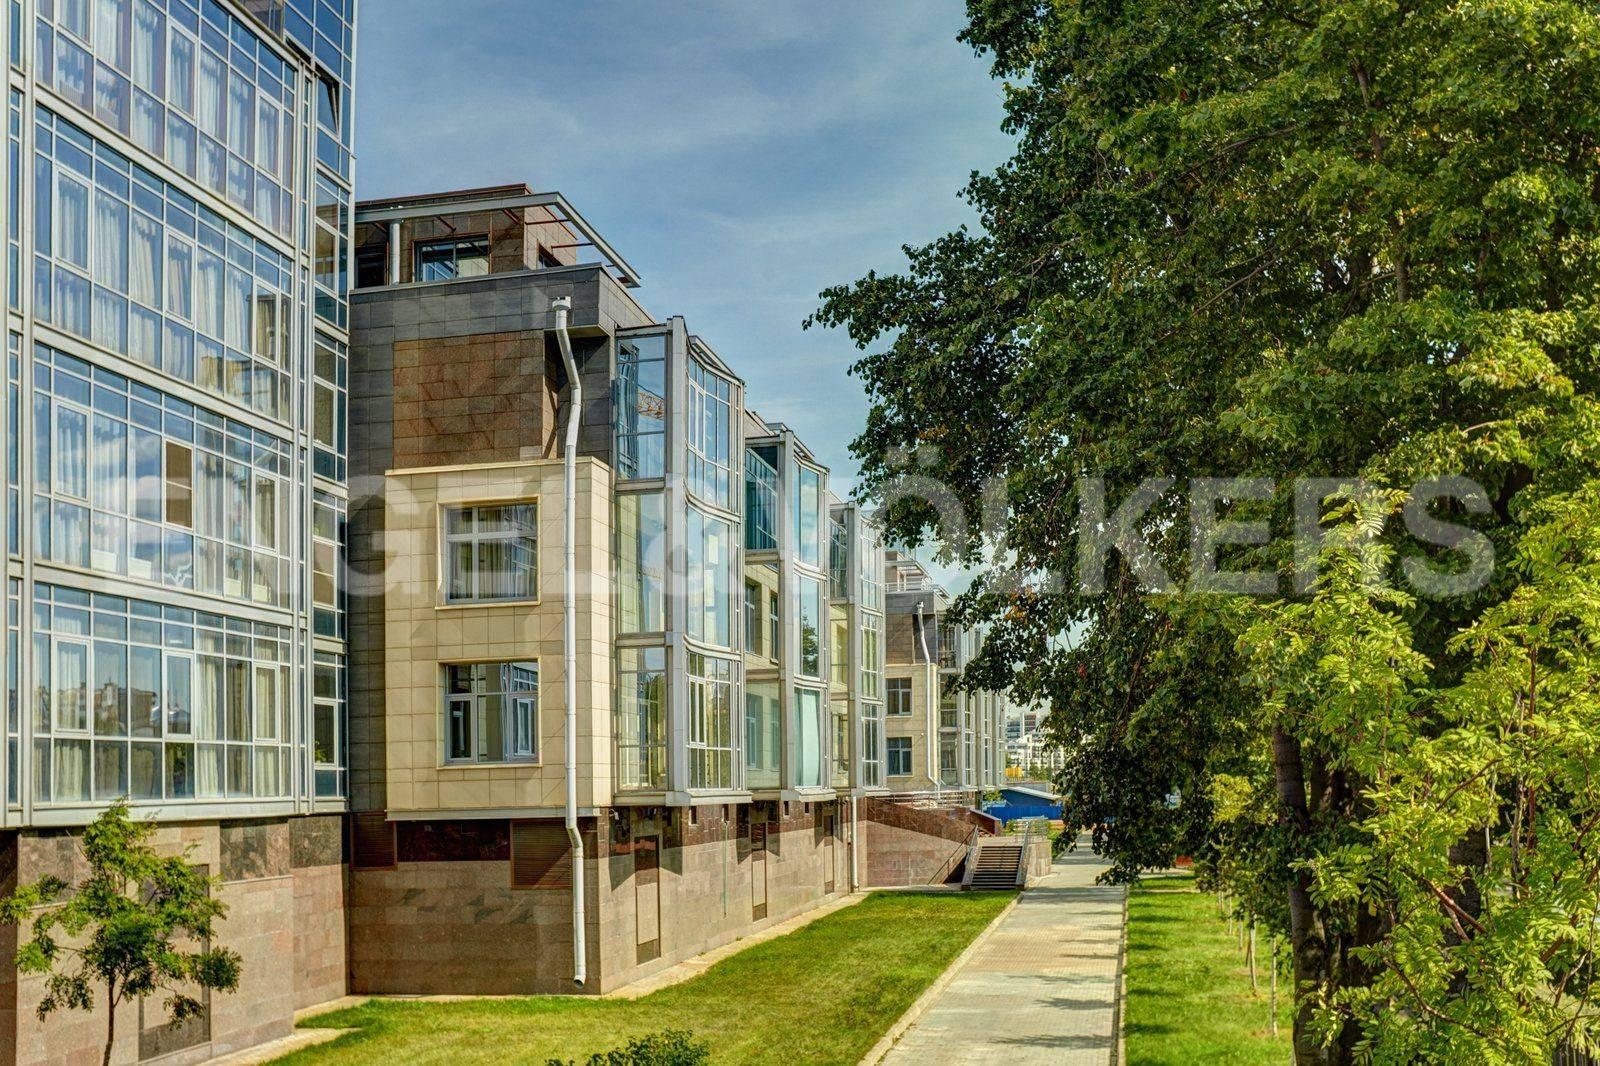 Элитные квартиры на . Санкт-Петербург, Вязовая, 10. Прогулочная набережная вдоль М. Невки